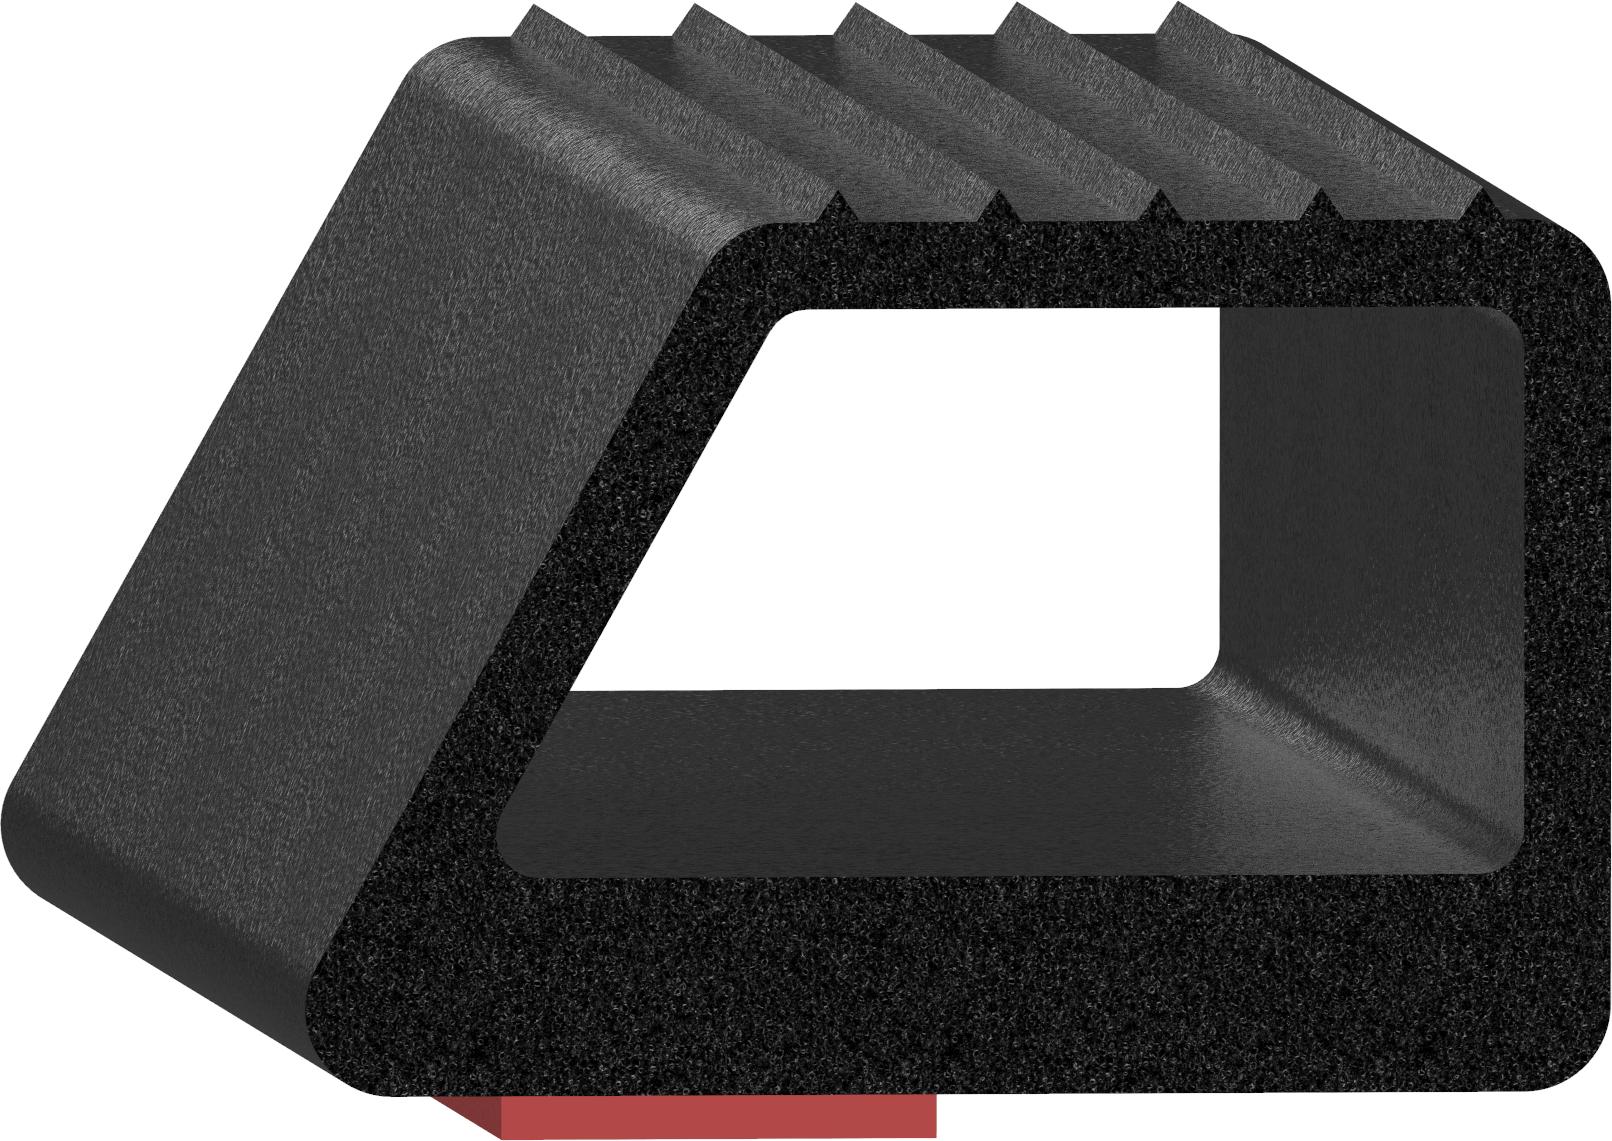 Uni-Grip part: SD-243-T